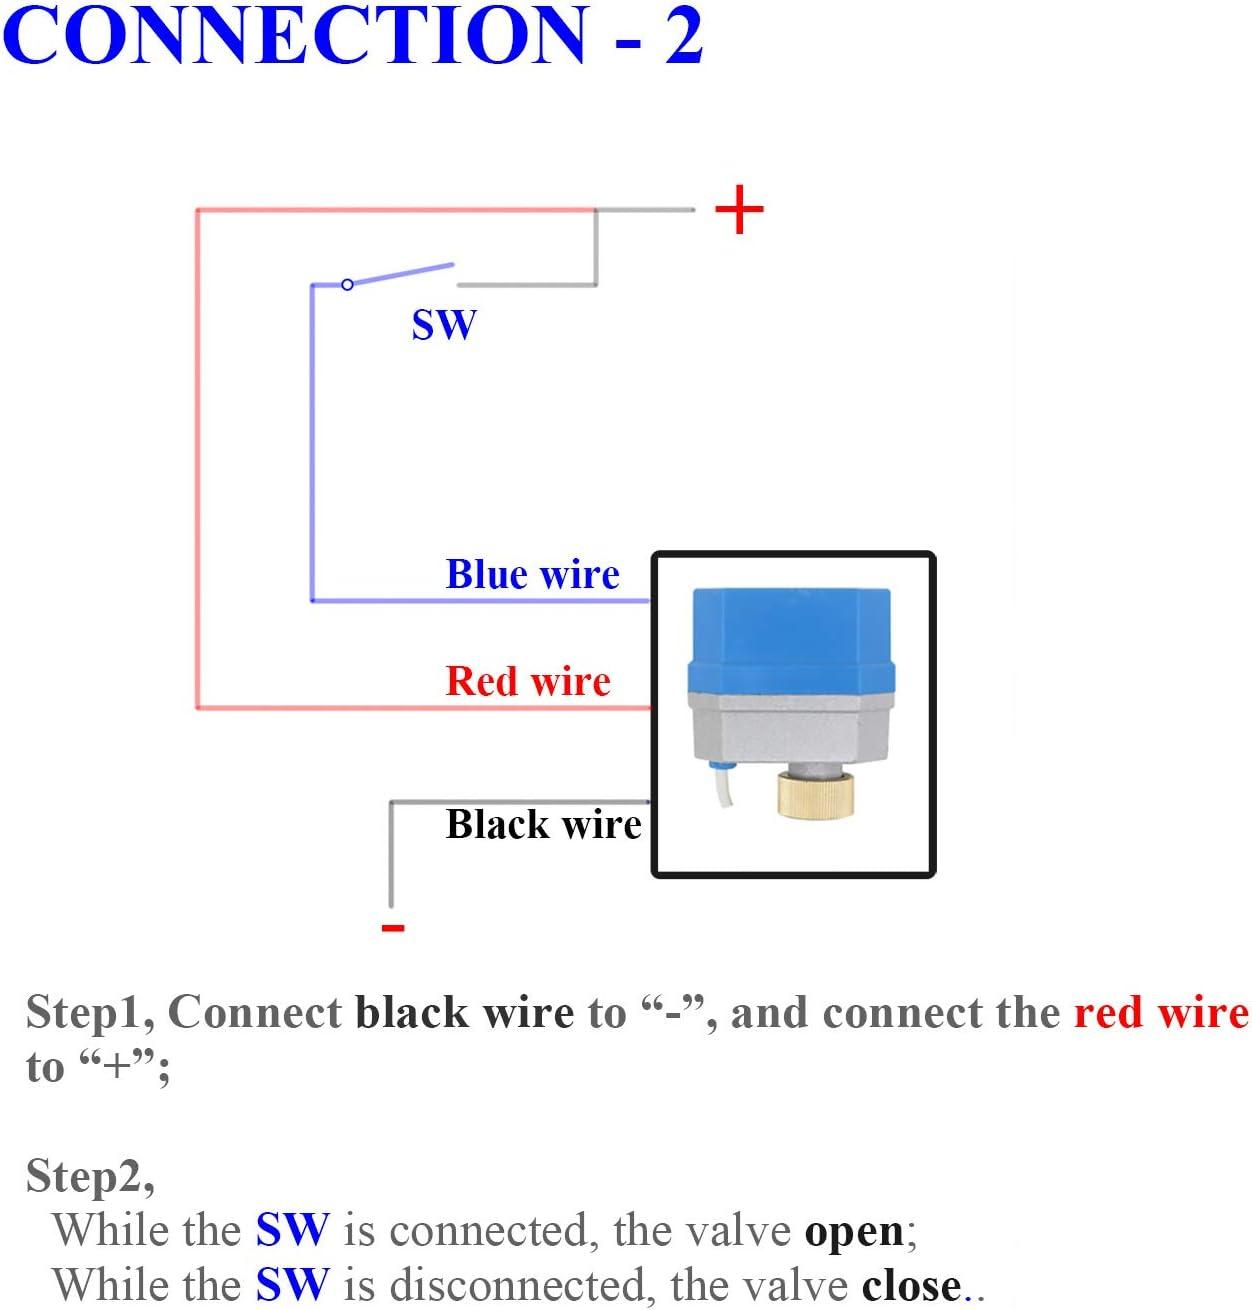 12v - 2 tipos de conexion - valvula esfera motorizada normalmente cerrado valvula 2 vias motorizada electrovalvula 12v 1/2 3/4 1 1-1/4 pulgada (1 ...